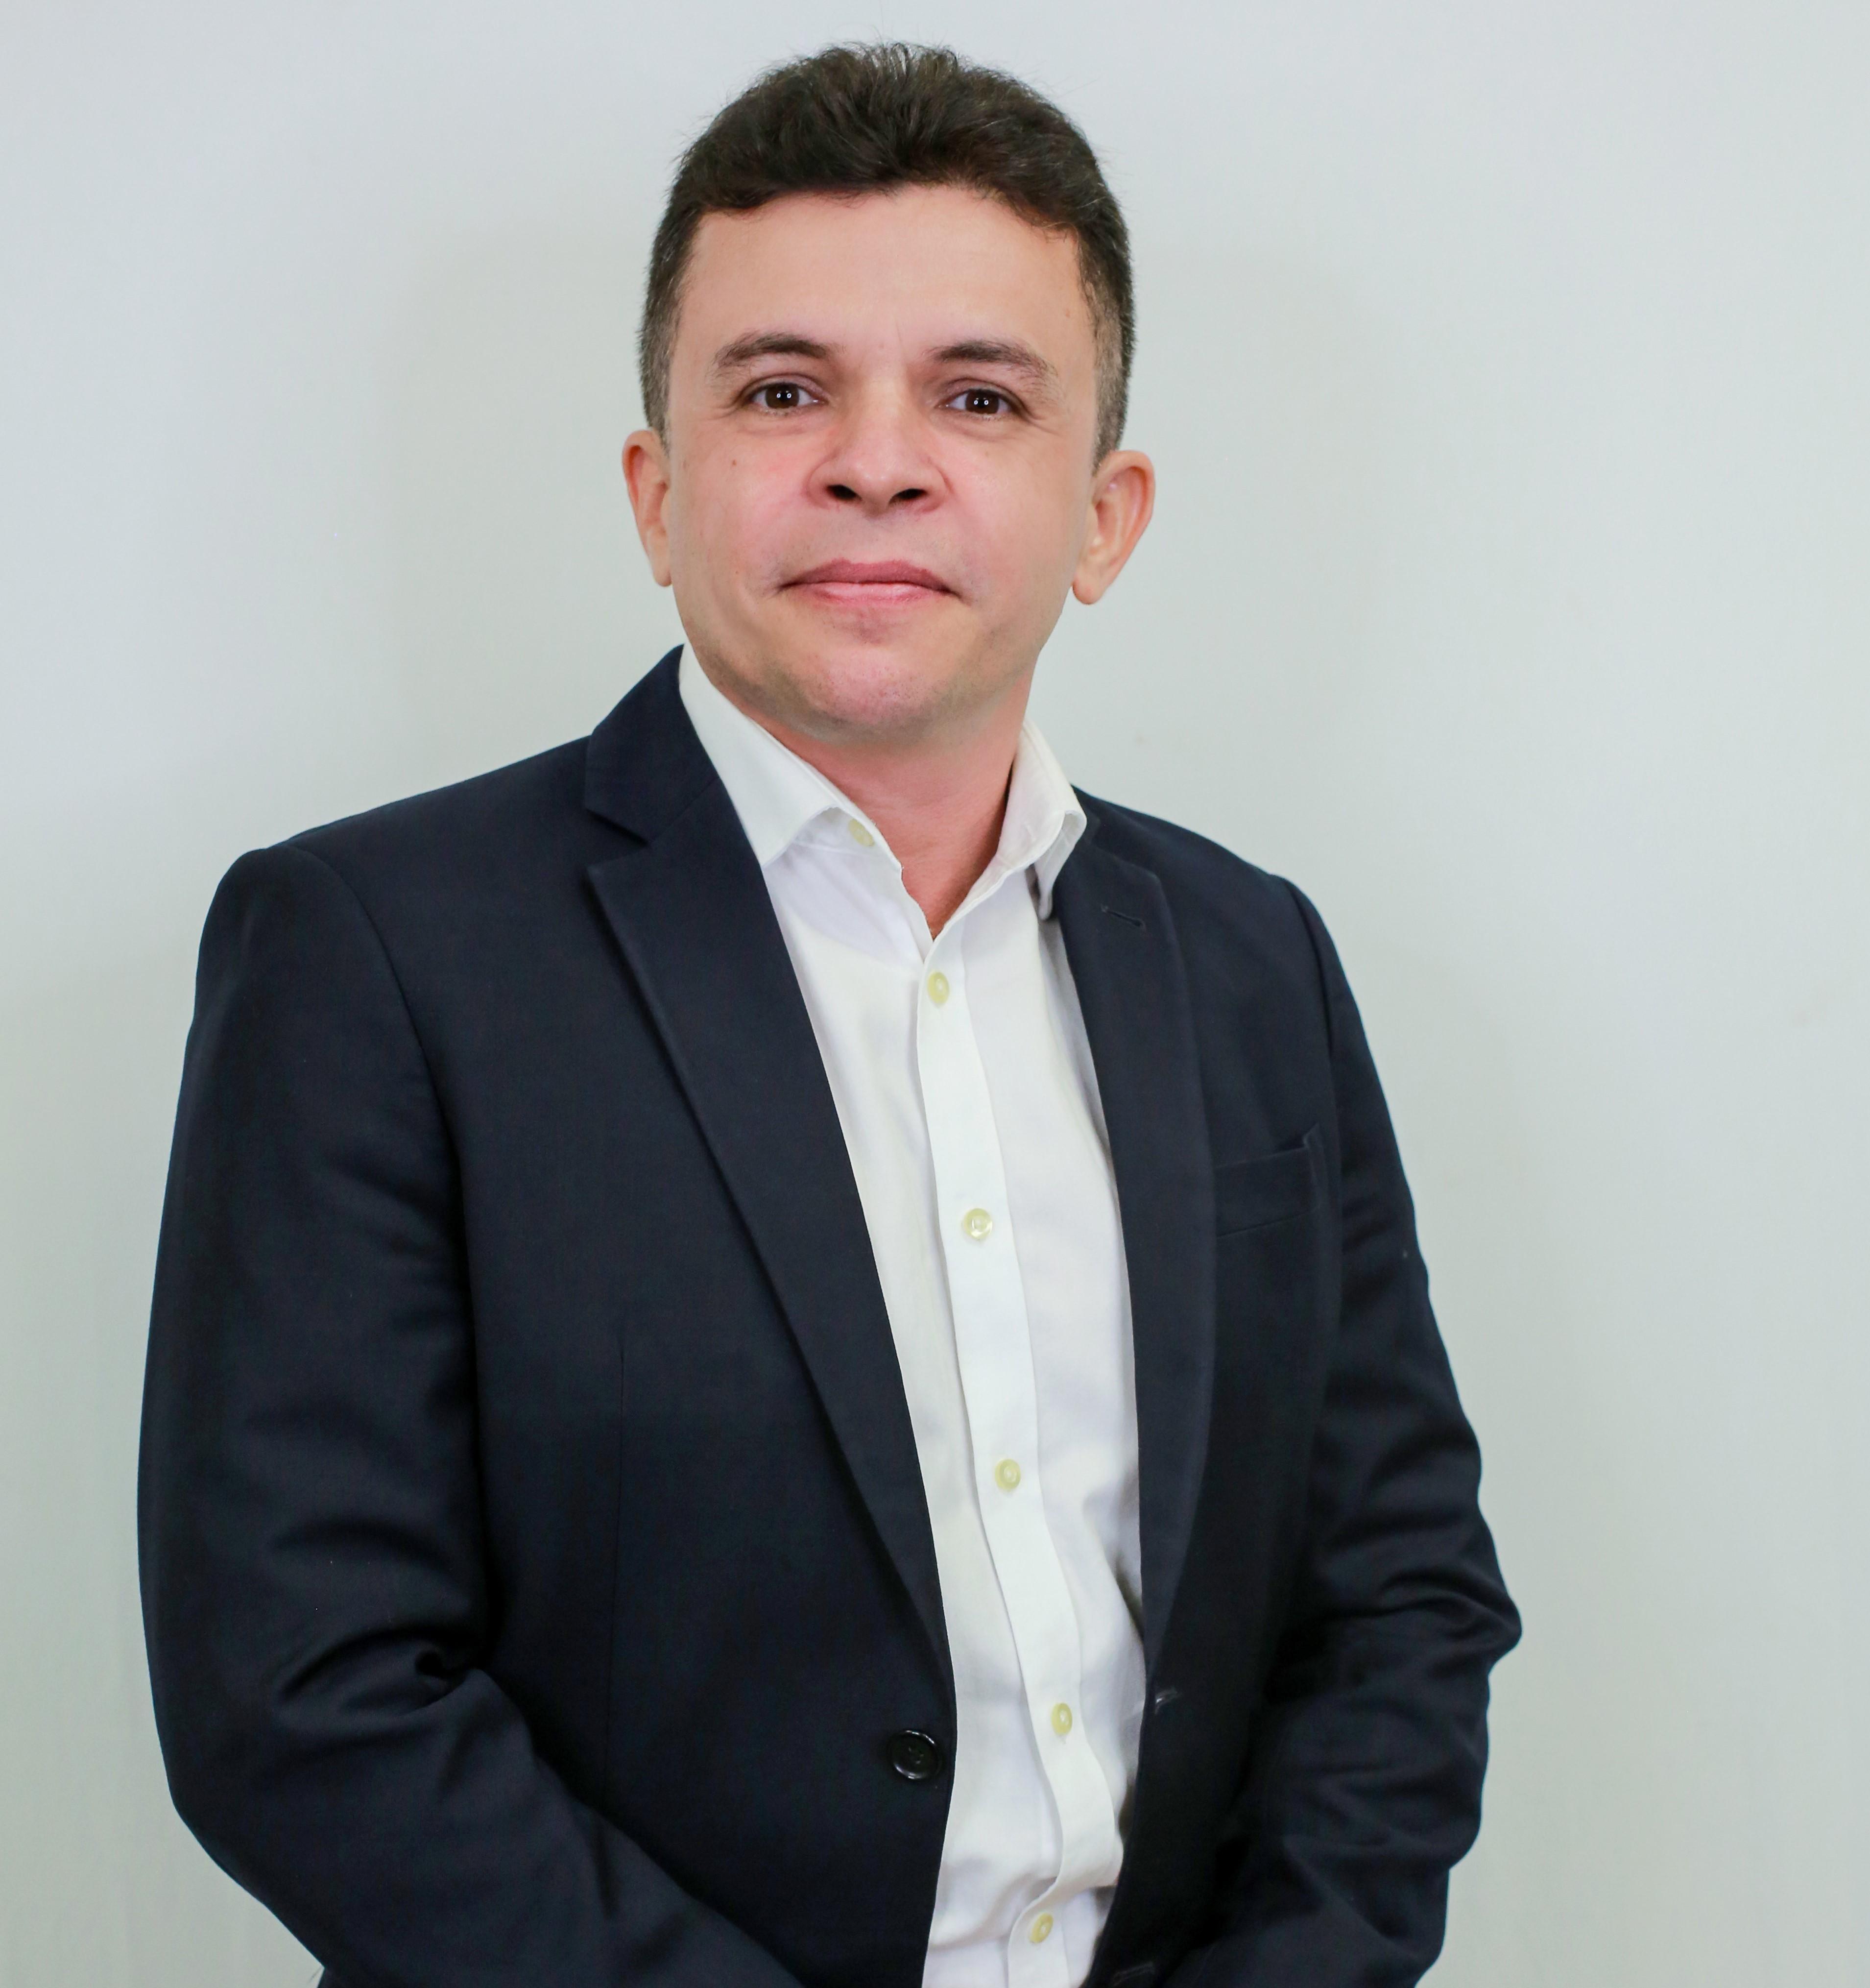 Unimed Fortaleza investirá ainda mais em tecnologia para 2020